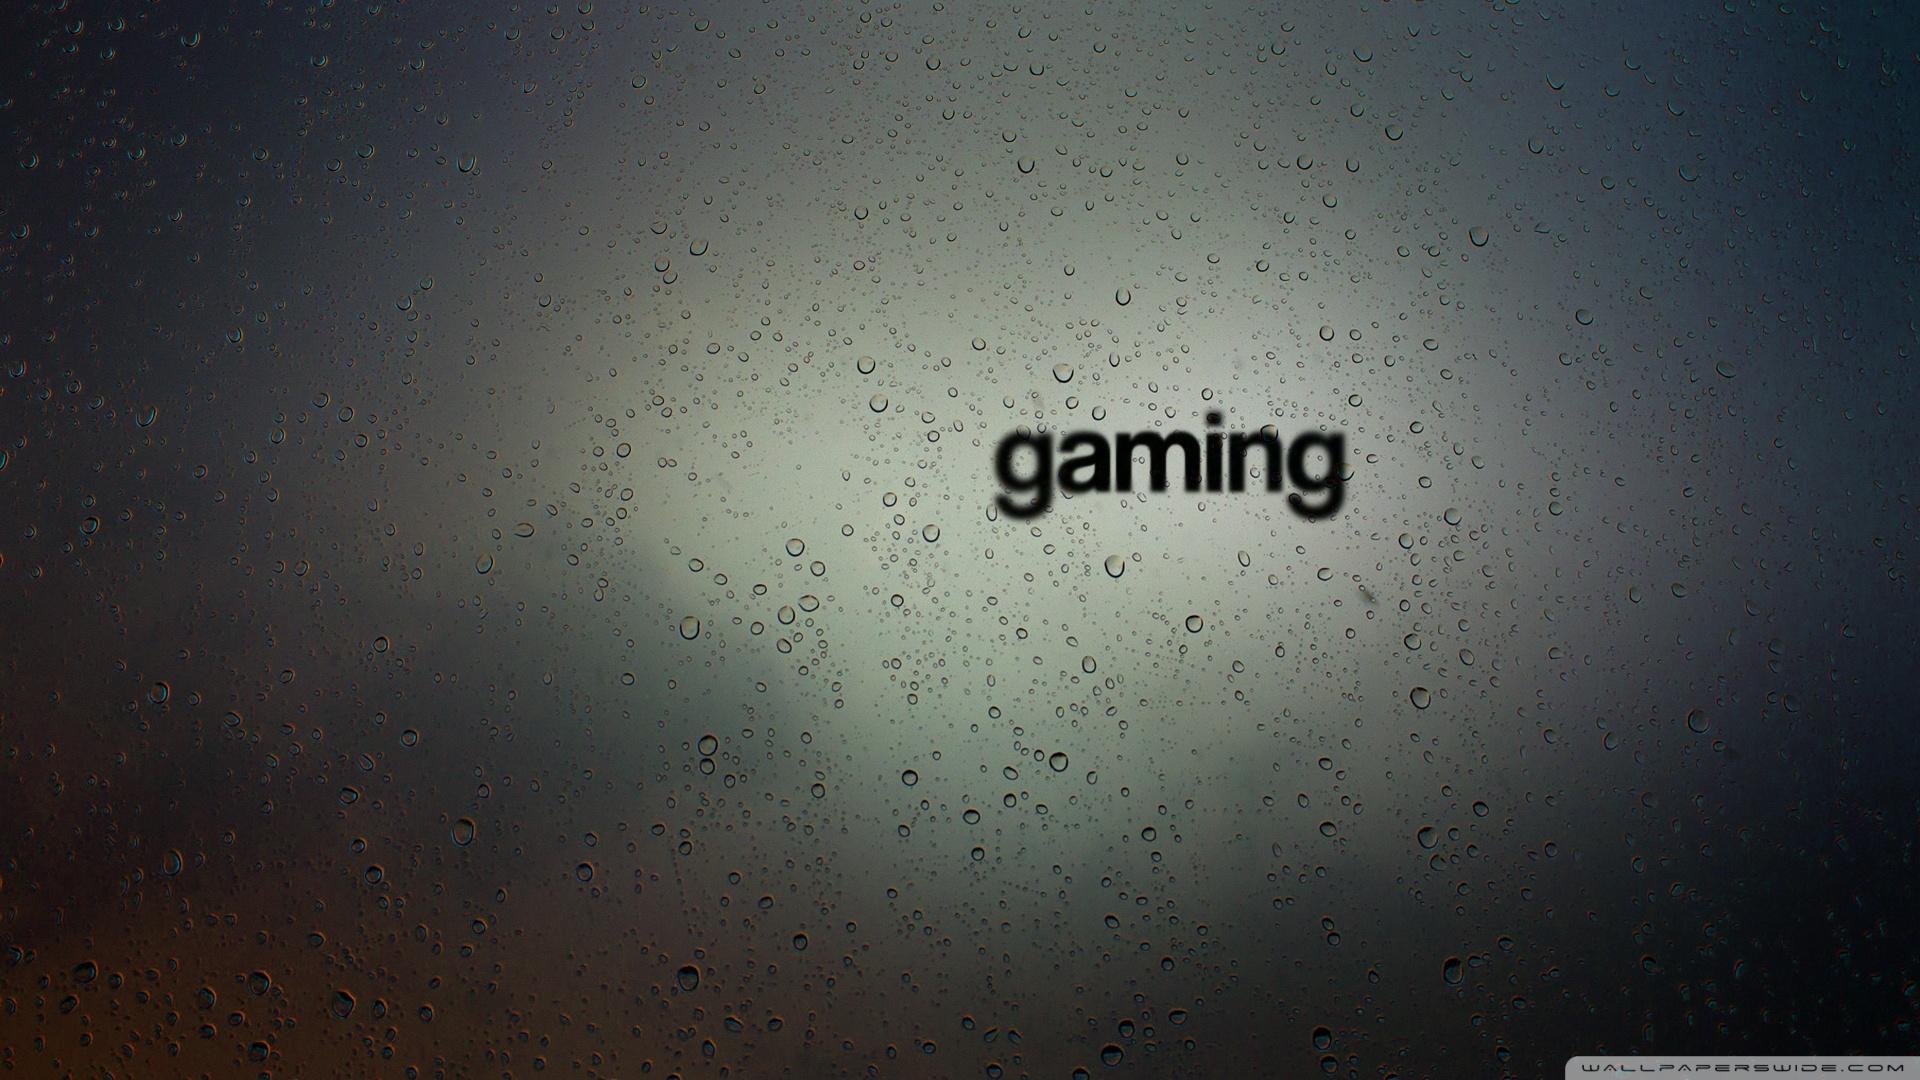 2597 είδη Gaming με άμεση διαθεσιμότητα στο κατάστημα !